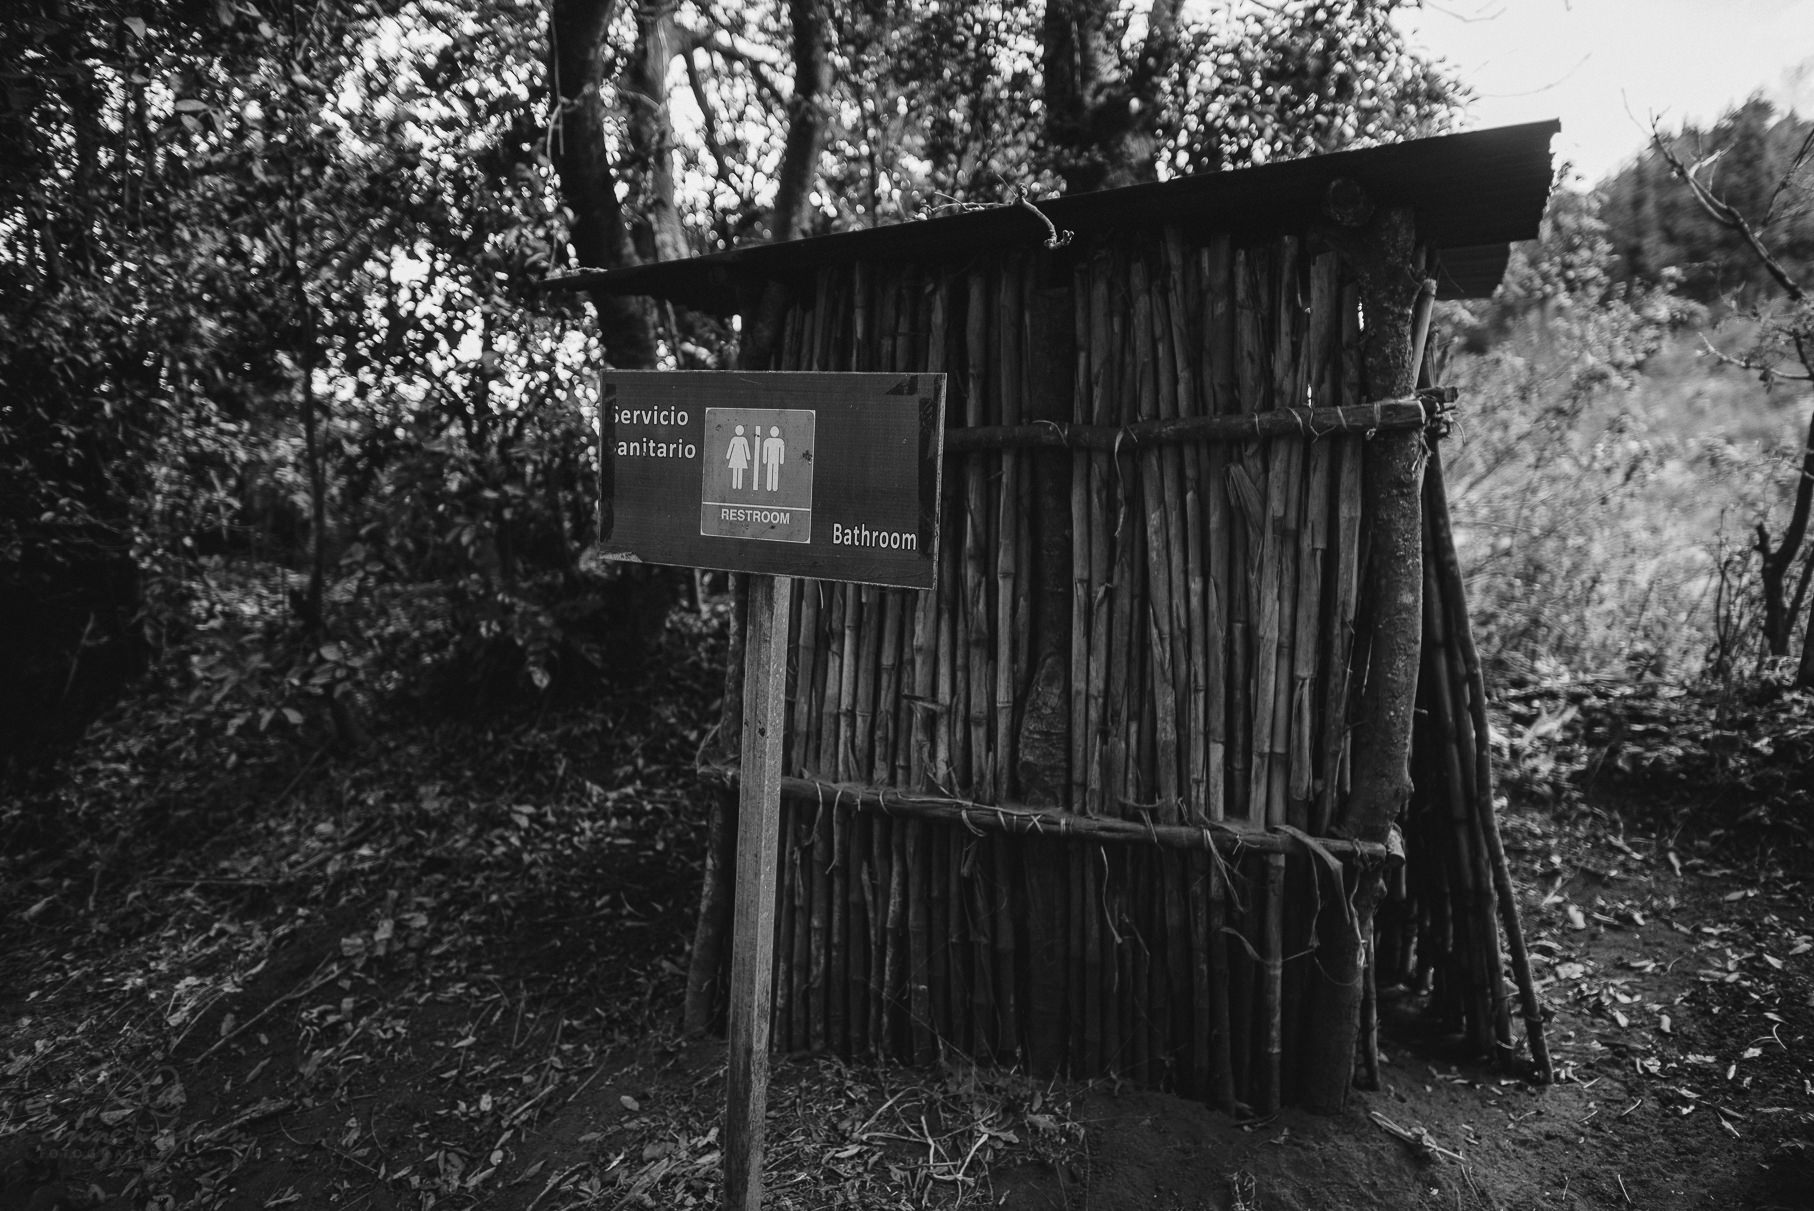 0069 anne und bjoern guatemala d75 9565 - 4 Wochen durch Guatemala - backpacking durch Mittelamerika